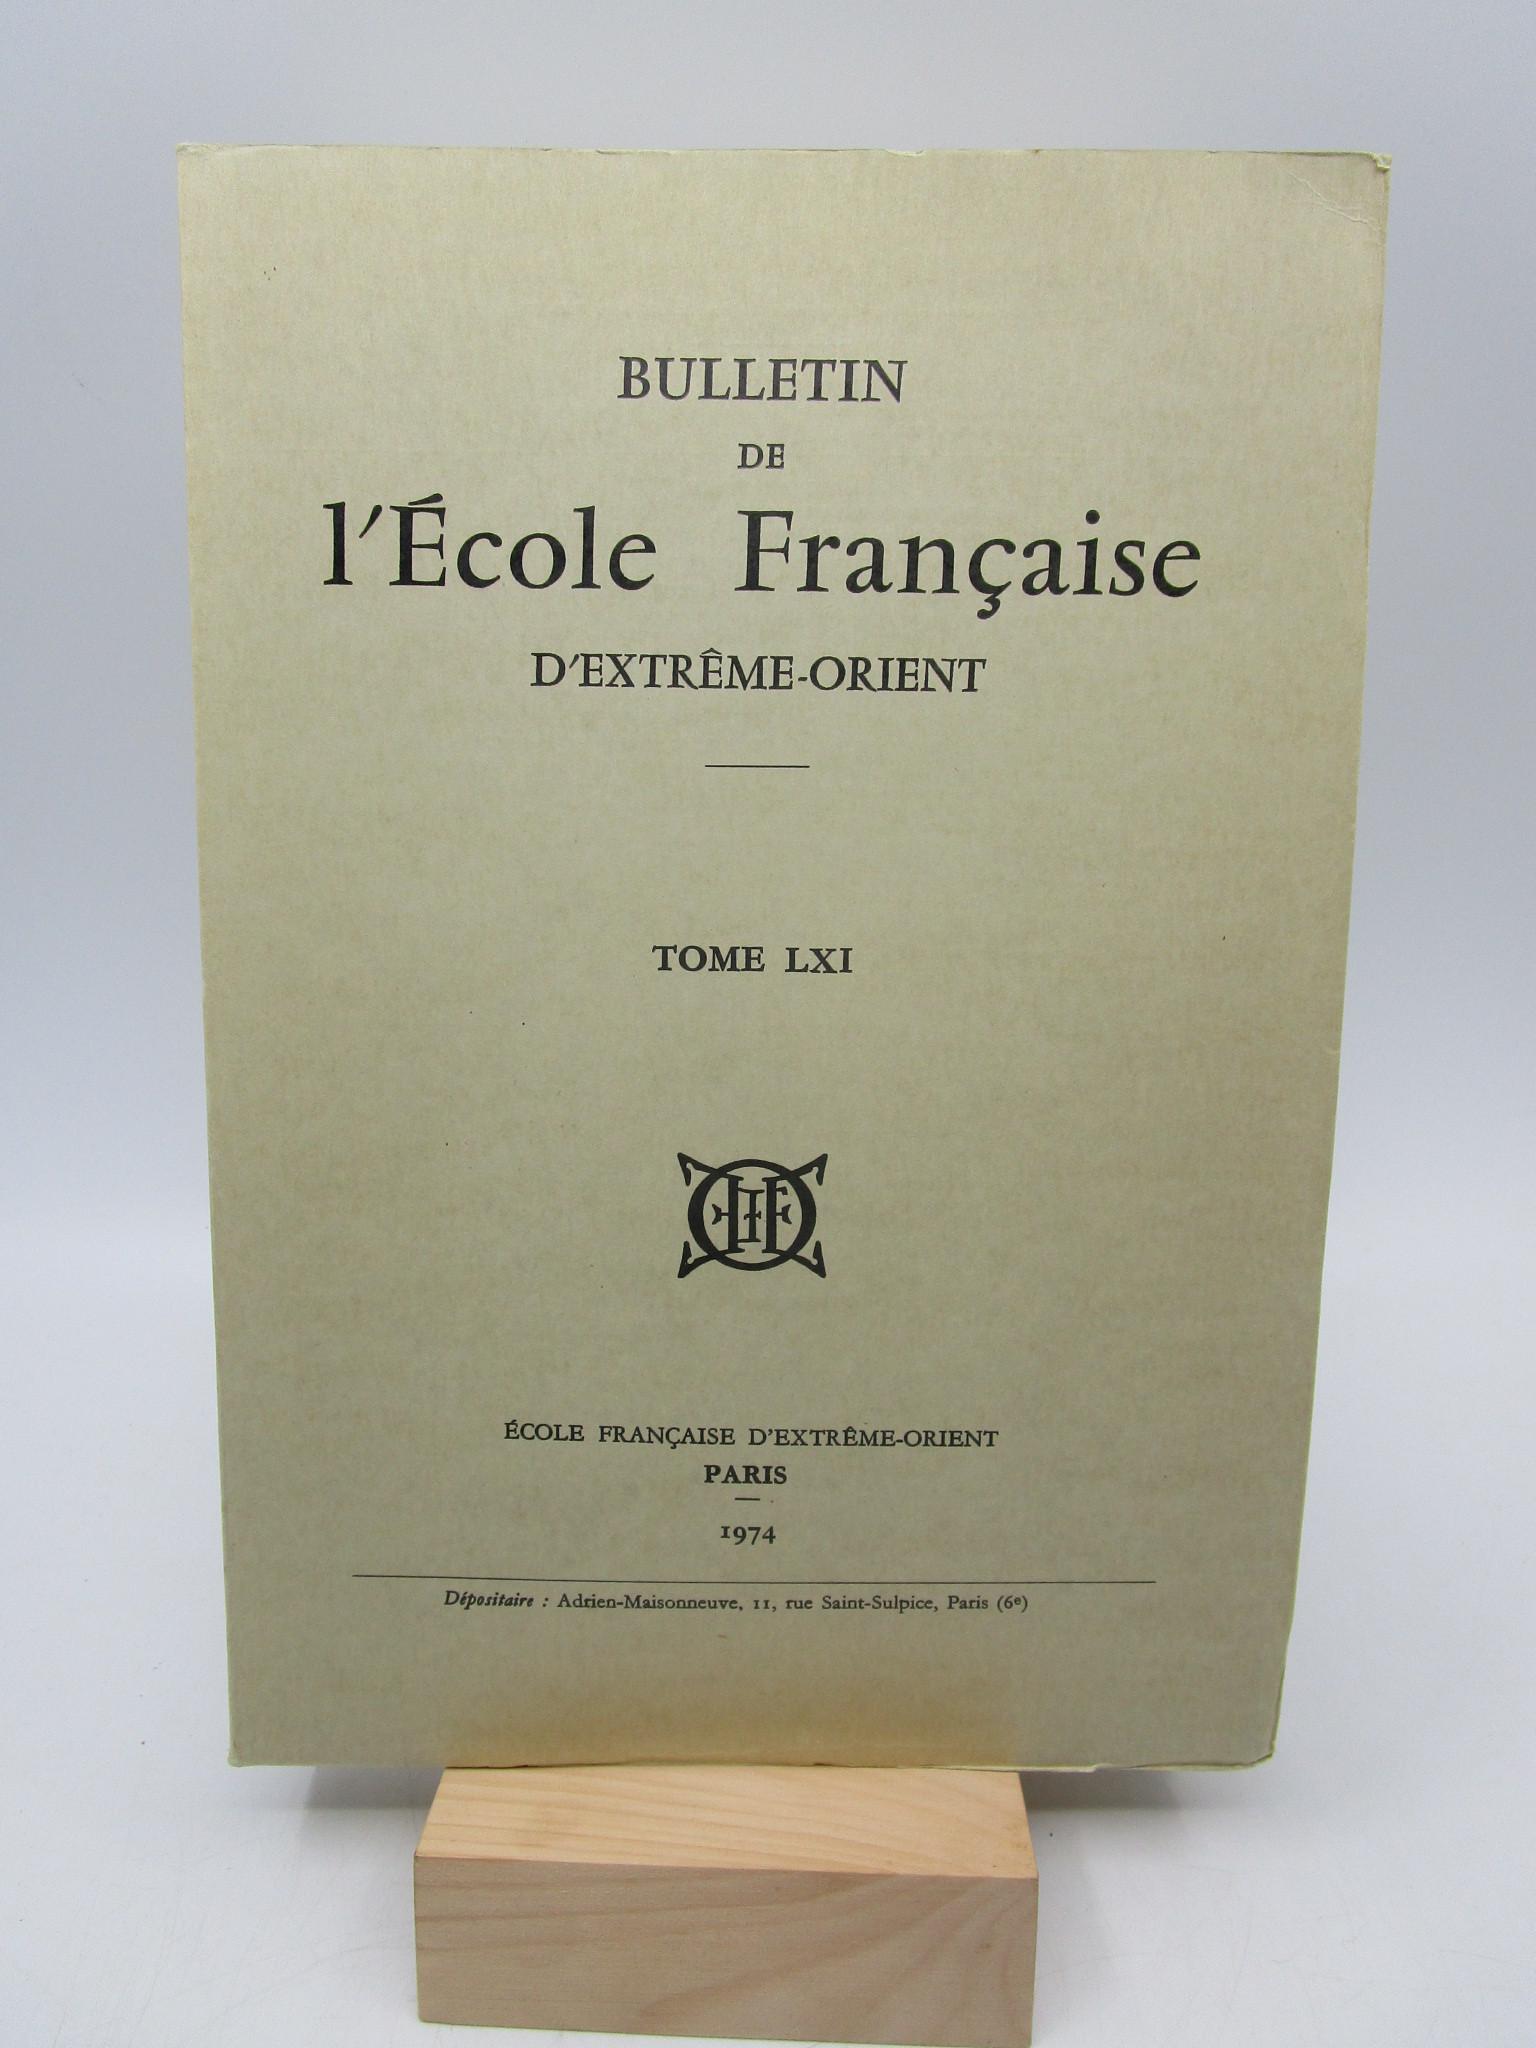 Image for Bulletin de l'Ecole Franaise d'Extrme-Orient, Tome LXI